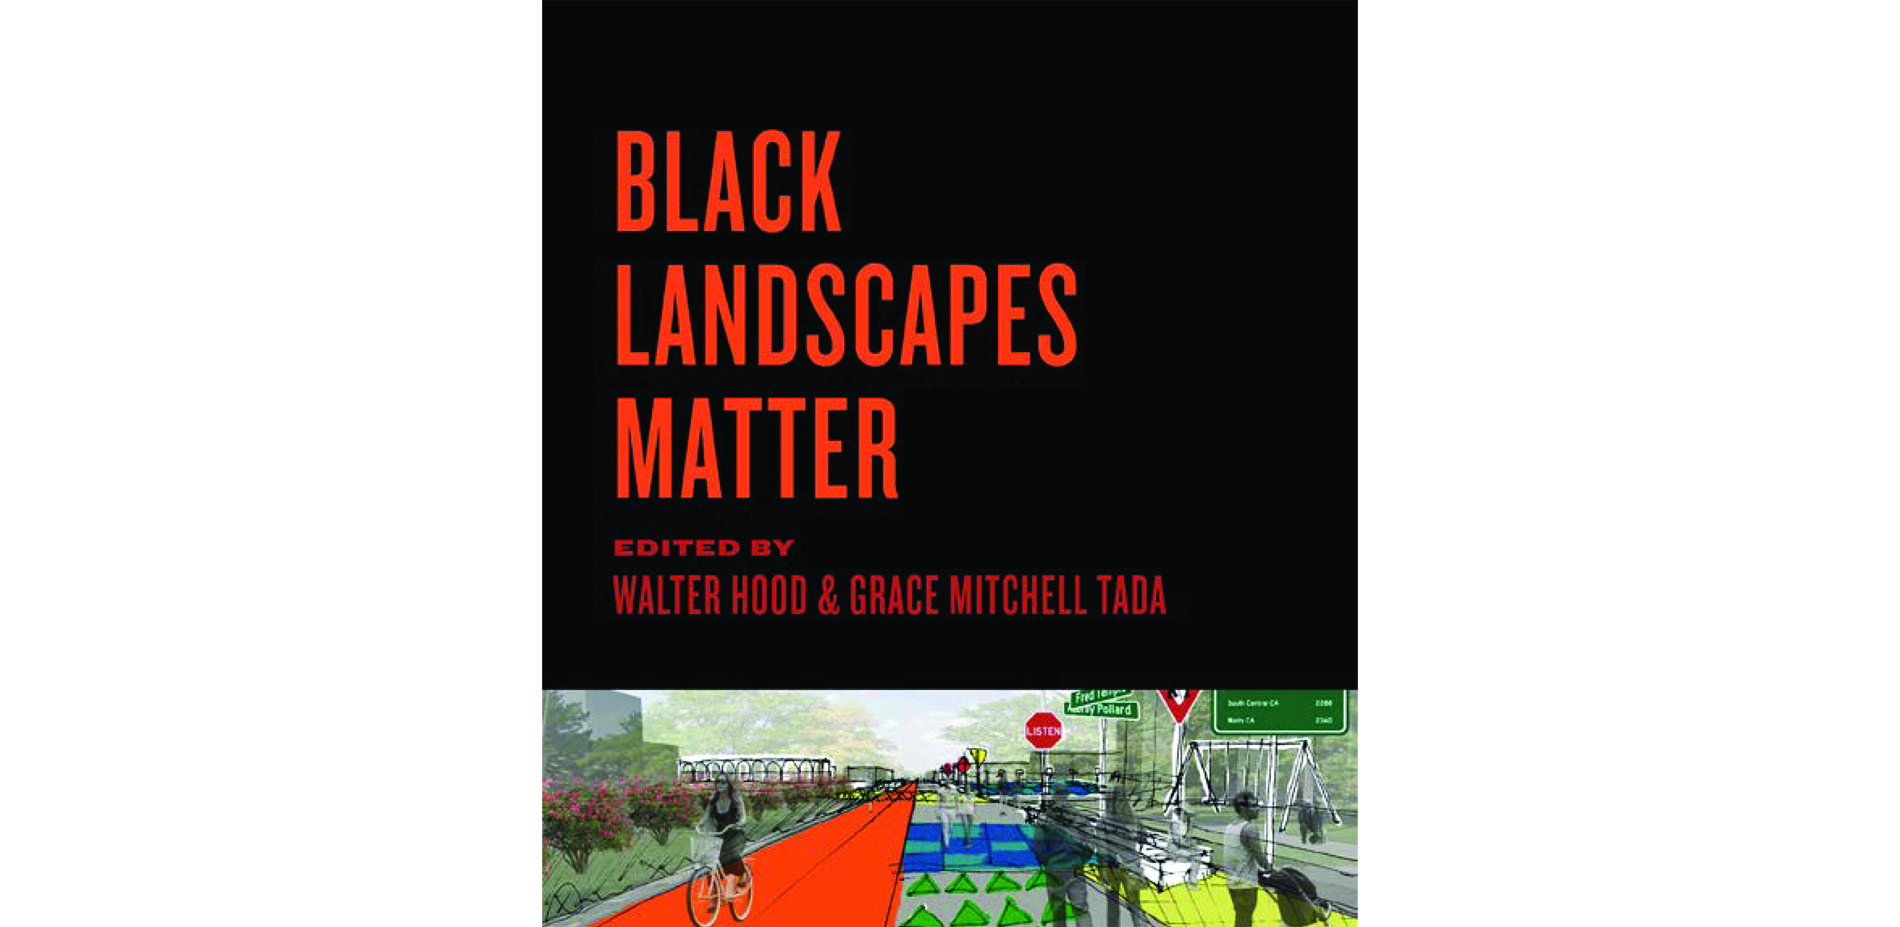 Black Landscapes Matter, cover